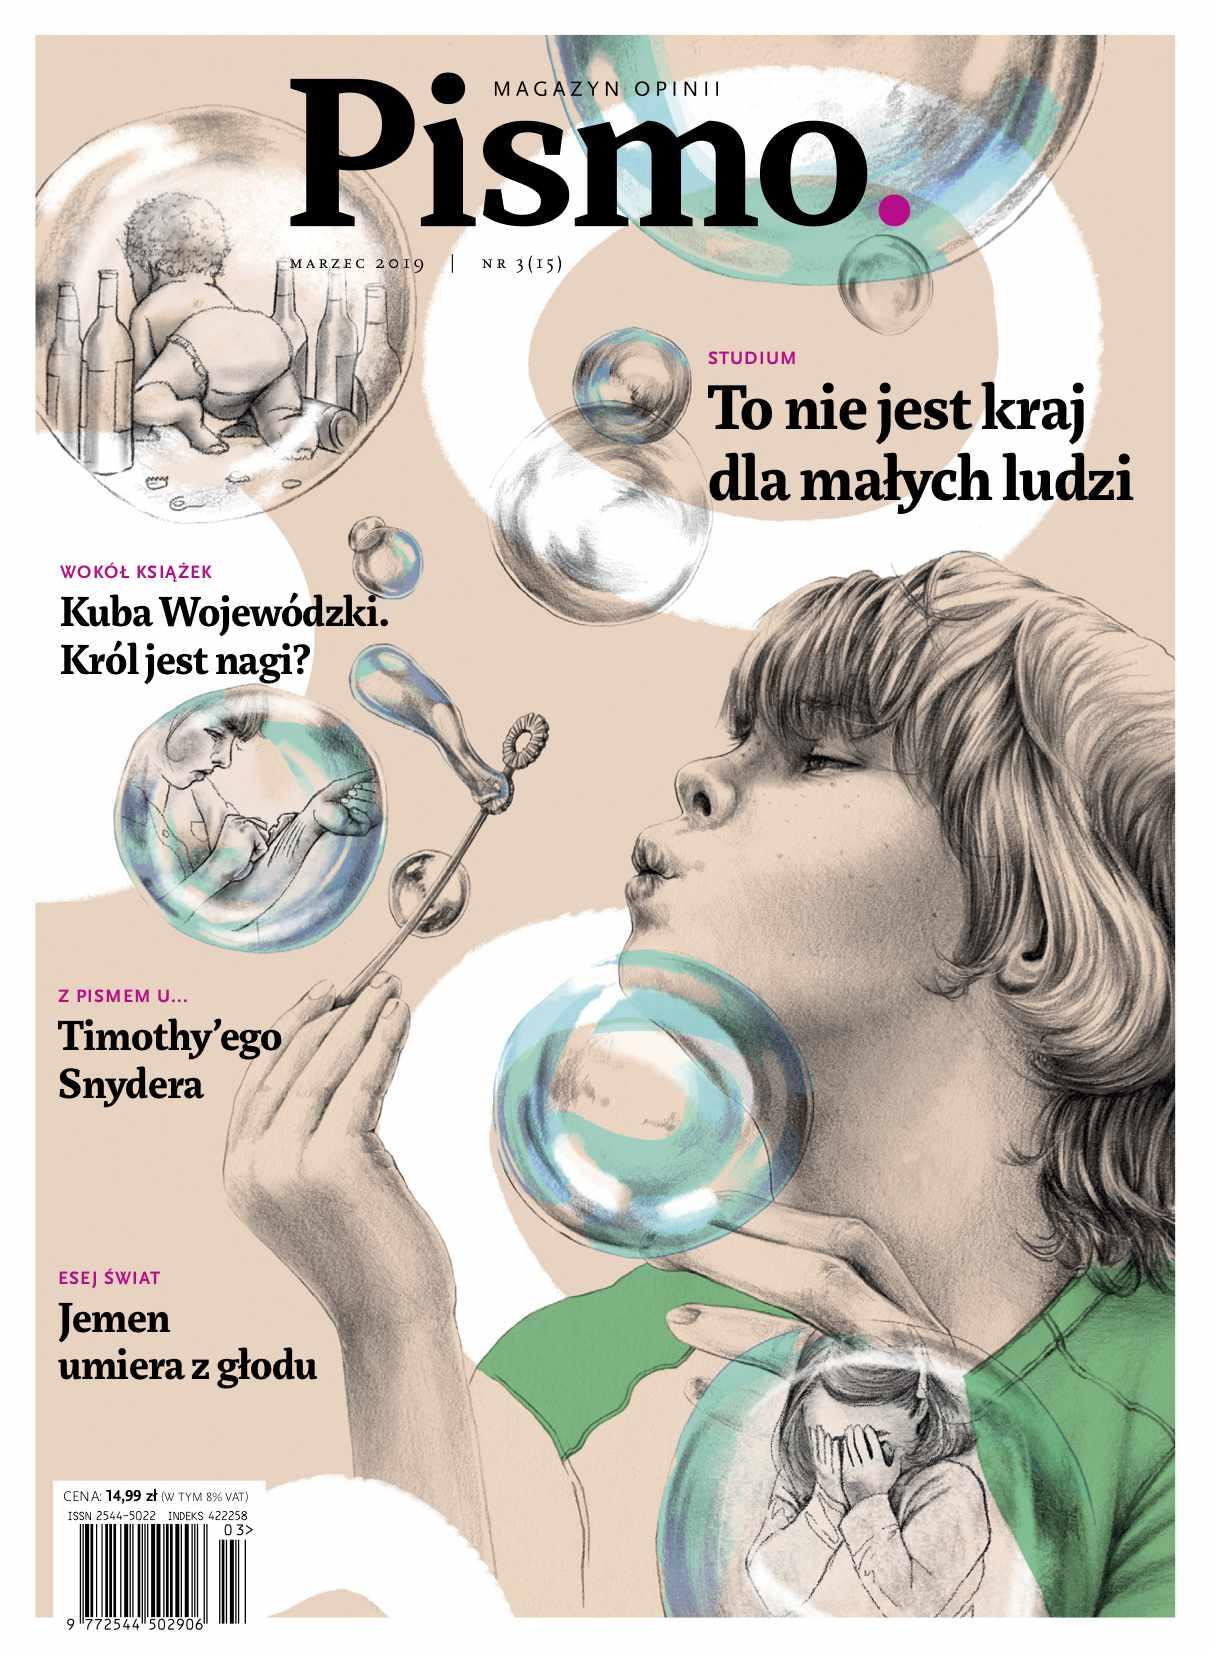 Pismo. Magazyn Opinii 03/2019 - Ebook (Książka EPUB) do pobrania w formacie EPUB